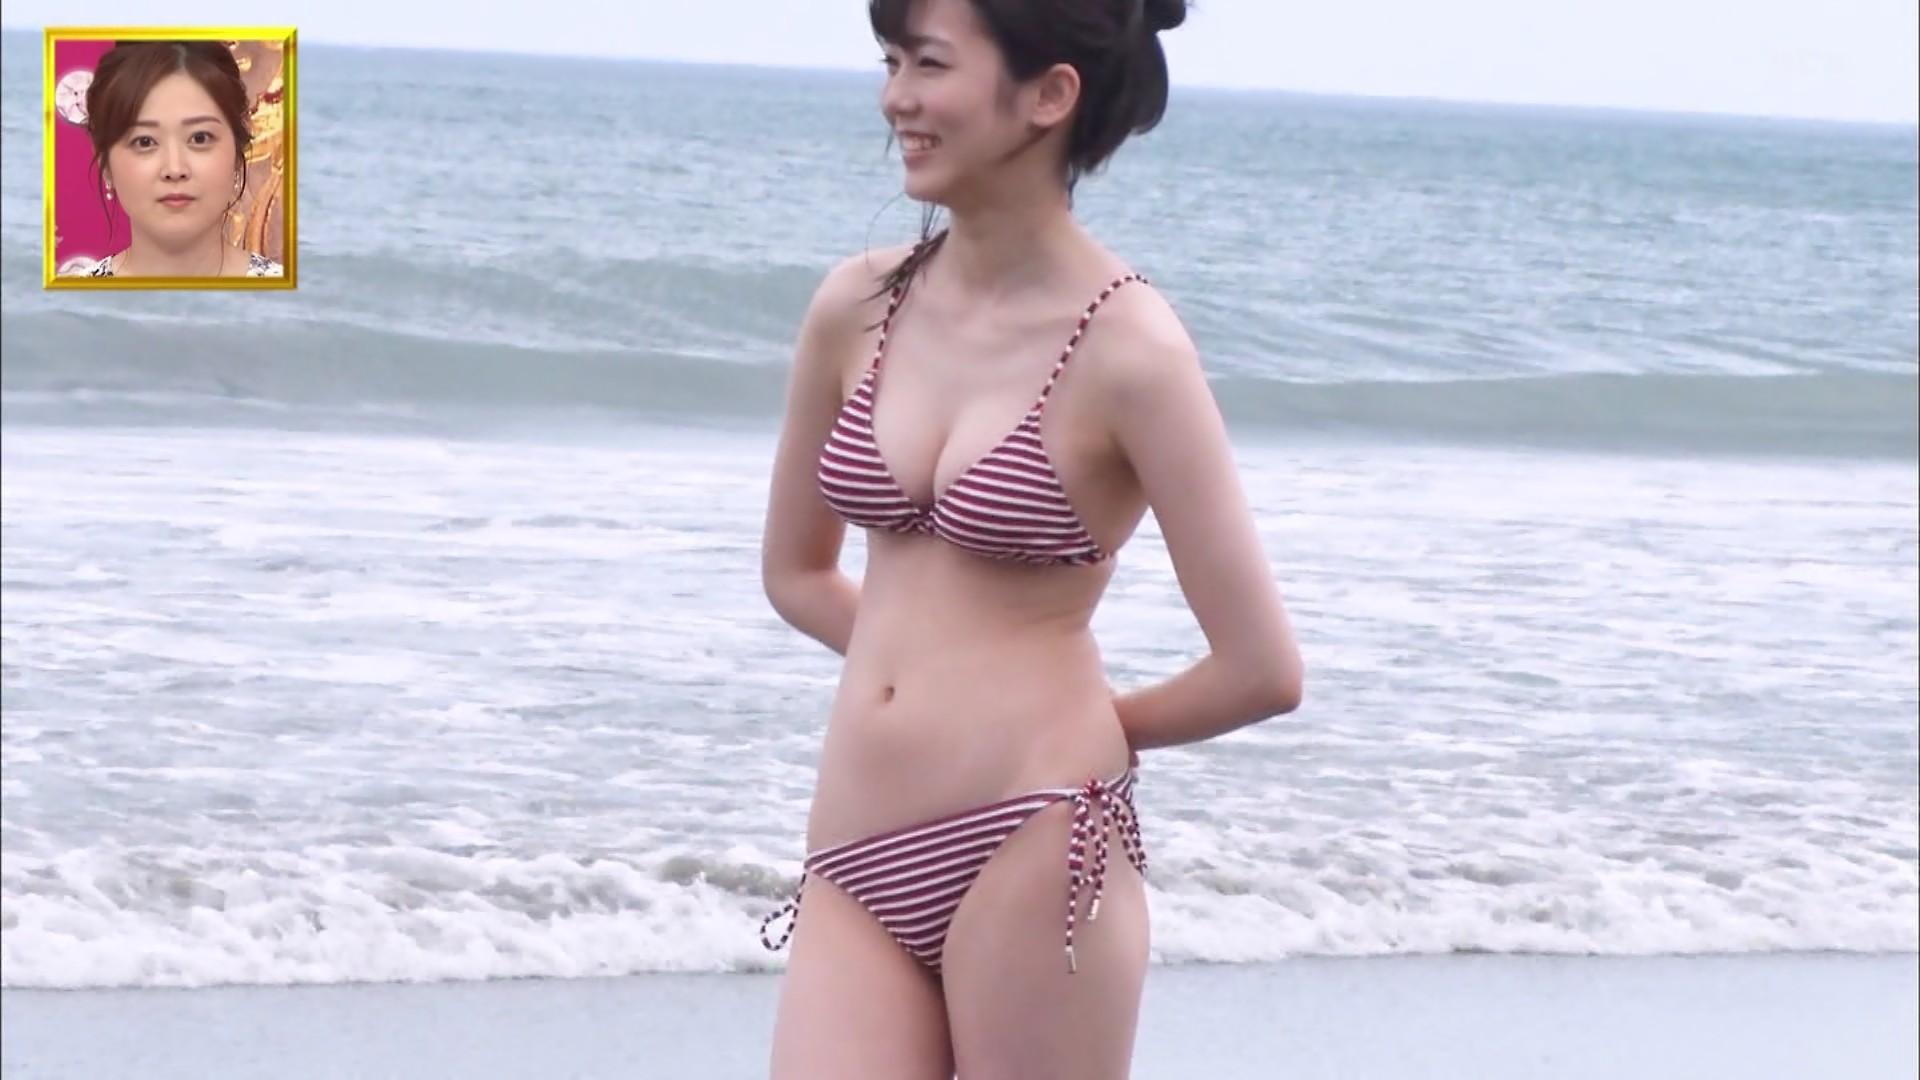 上京ガール_川口葵_水着_巨乳_幸せ!ボンビーガール_25